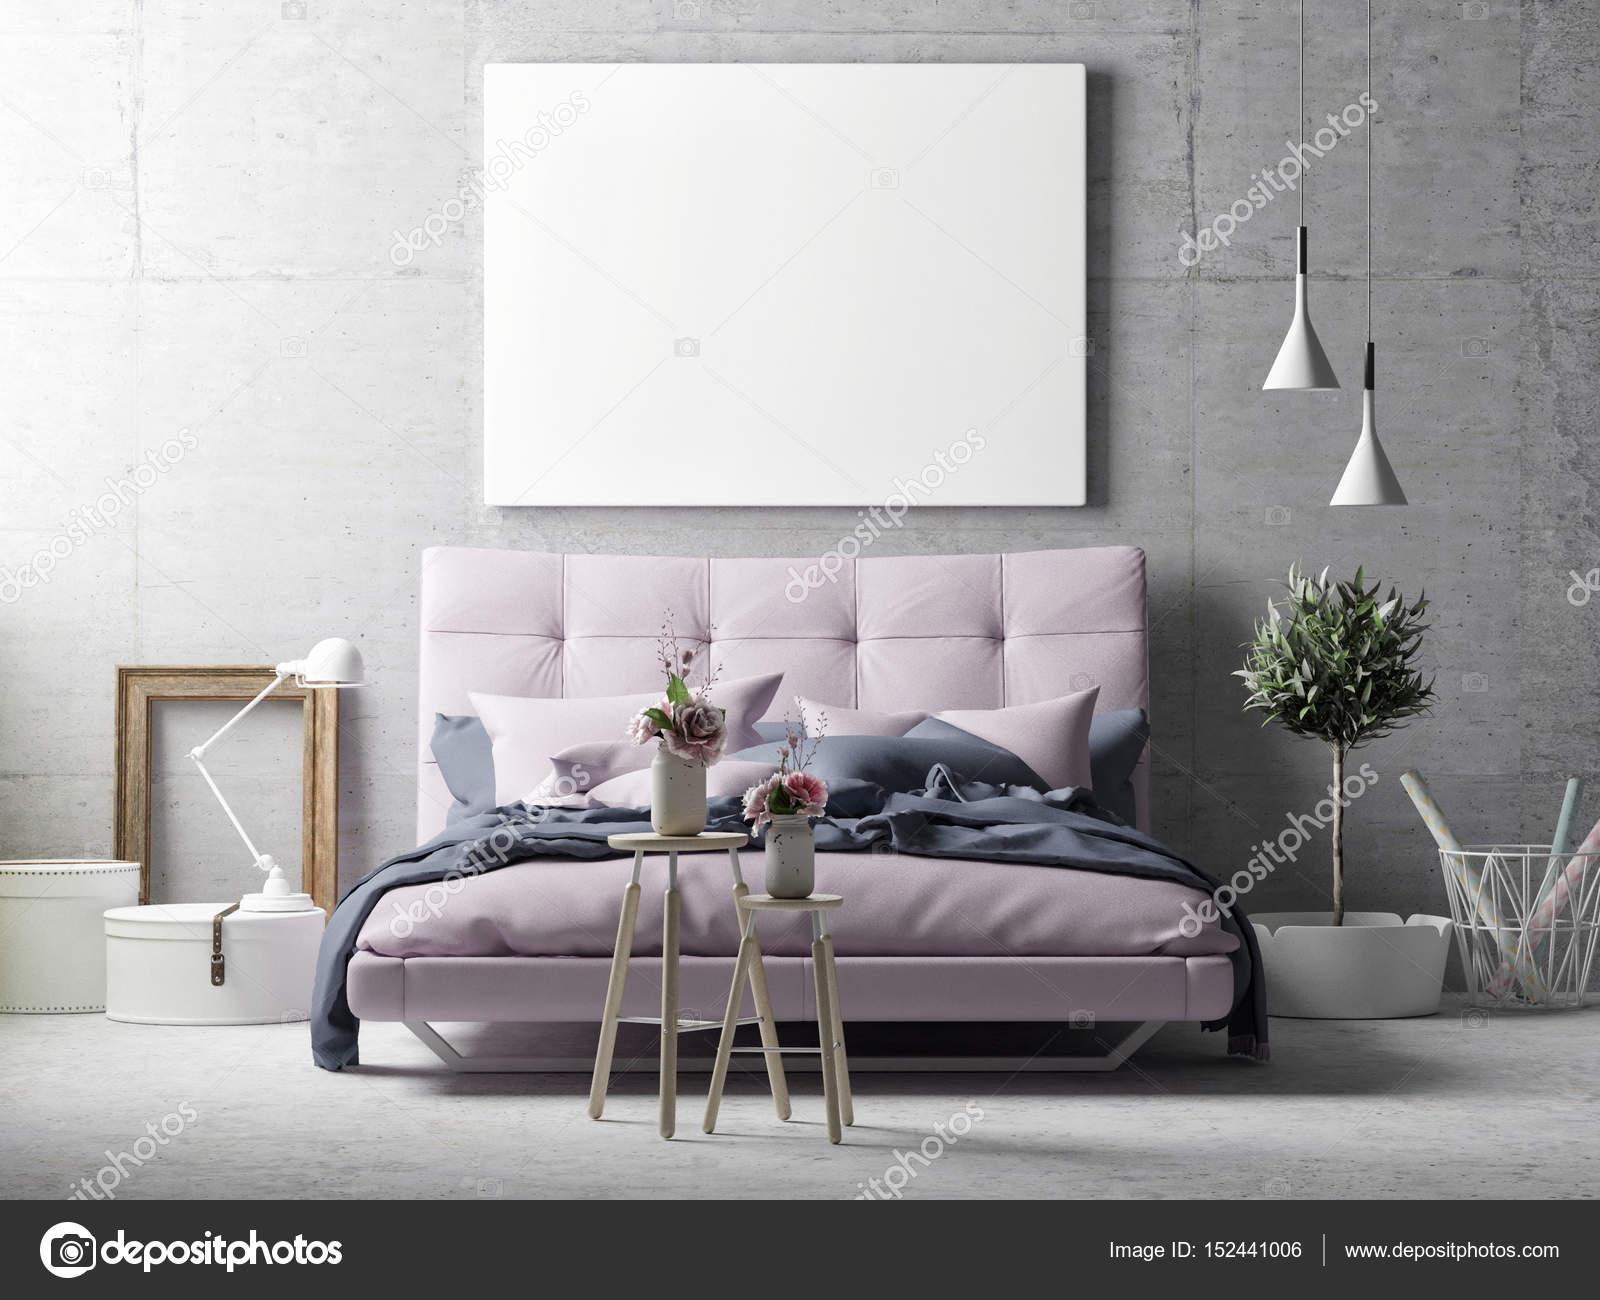 Plakat Auf Hipster Wohnzimmer Hintergrund Hautnah U2014 Stockfoto